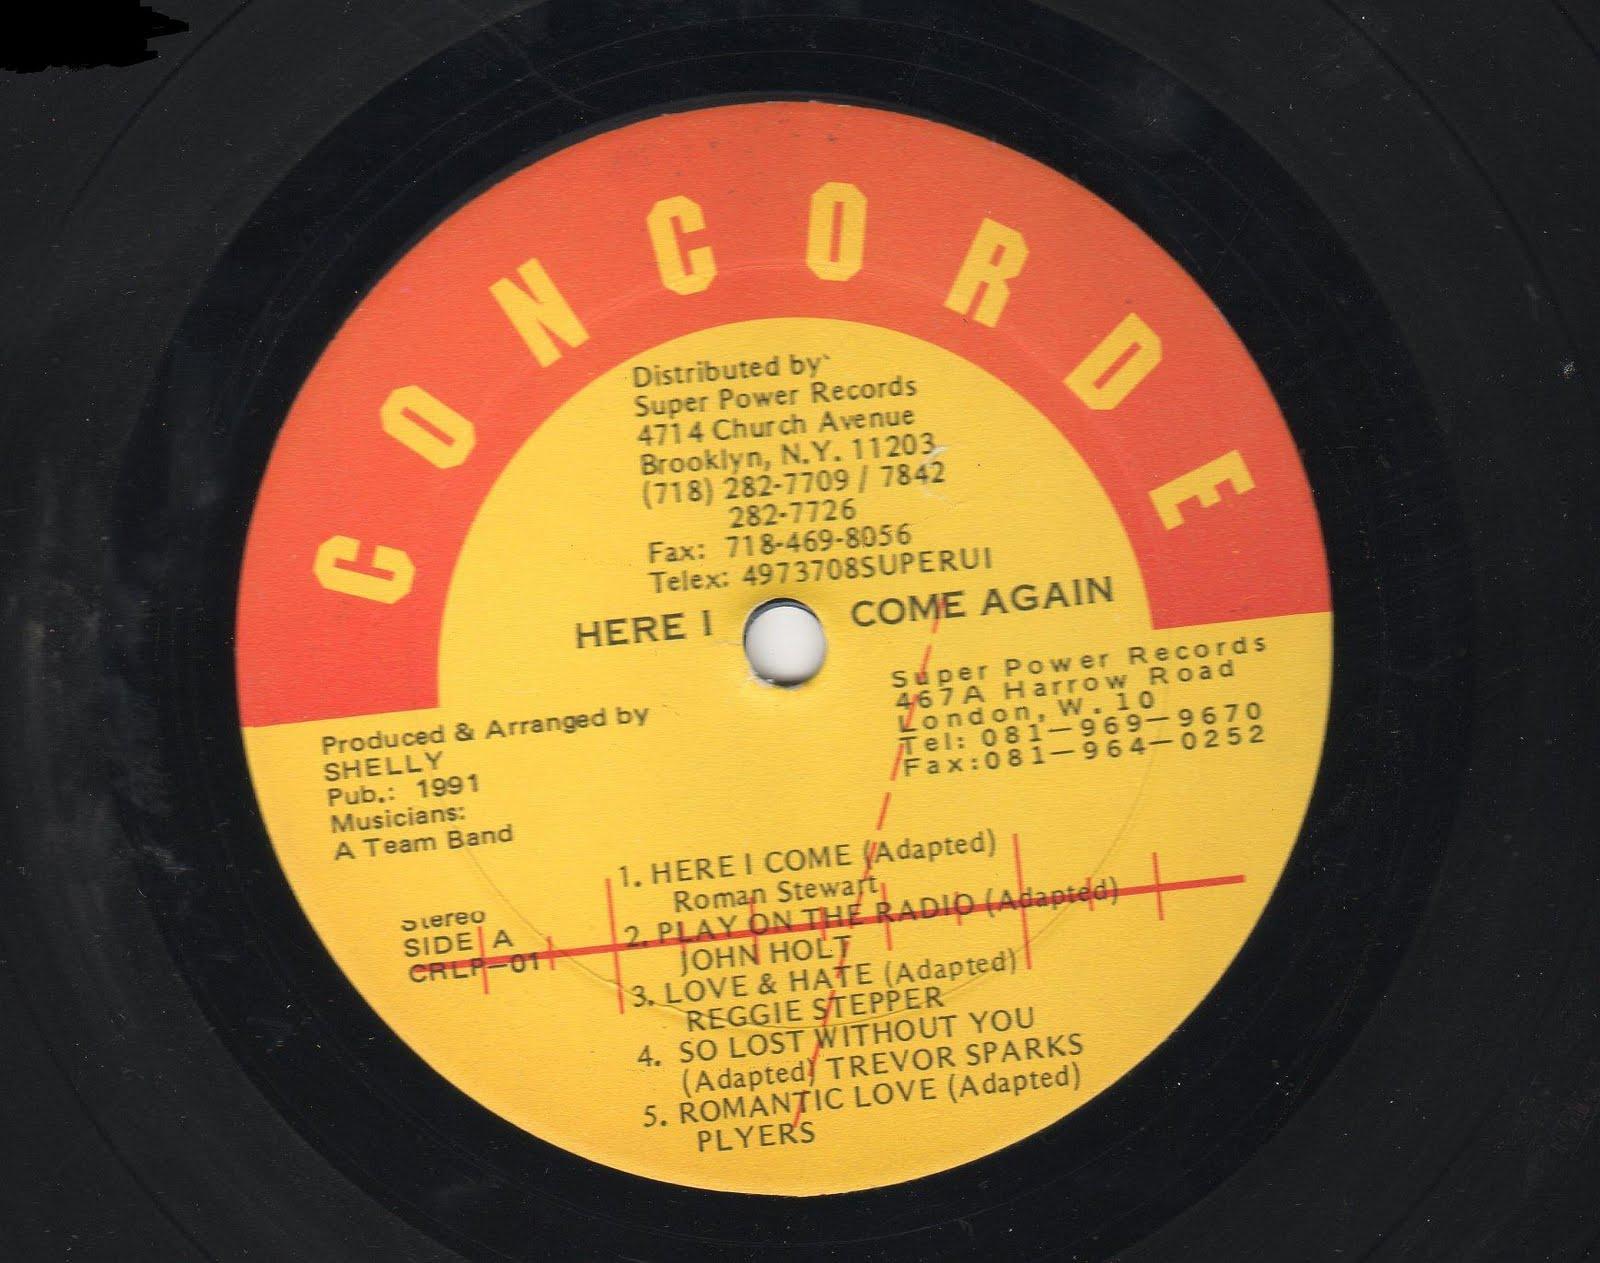 Here I Come Again LP(concorde)(super power)1991